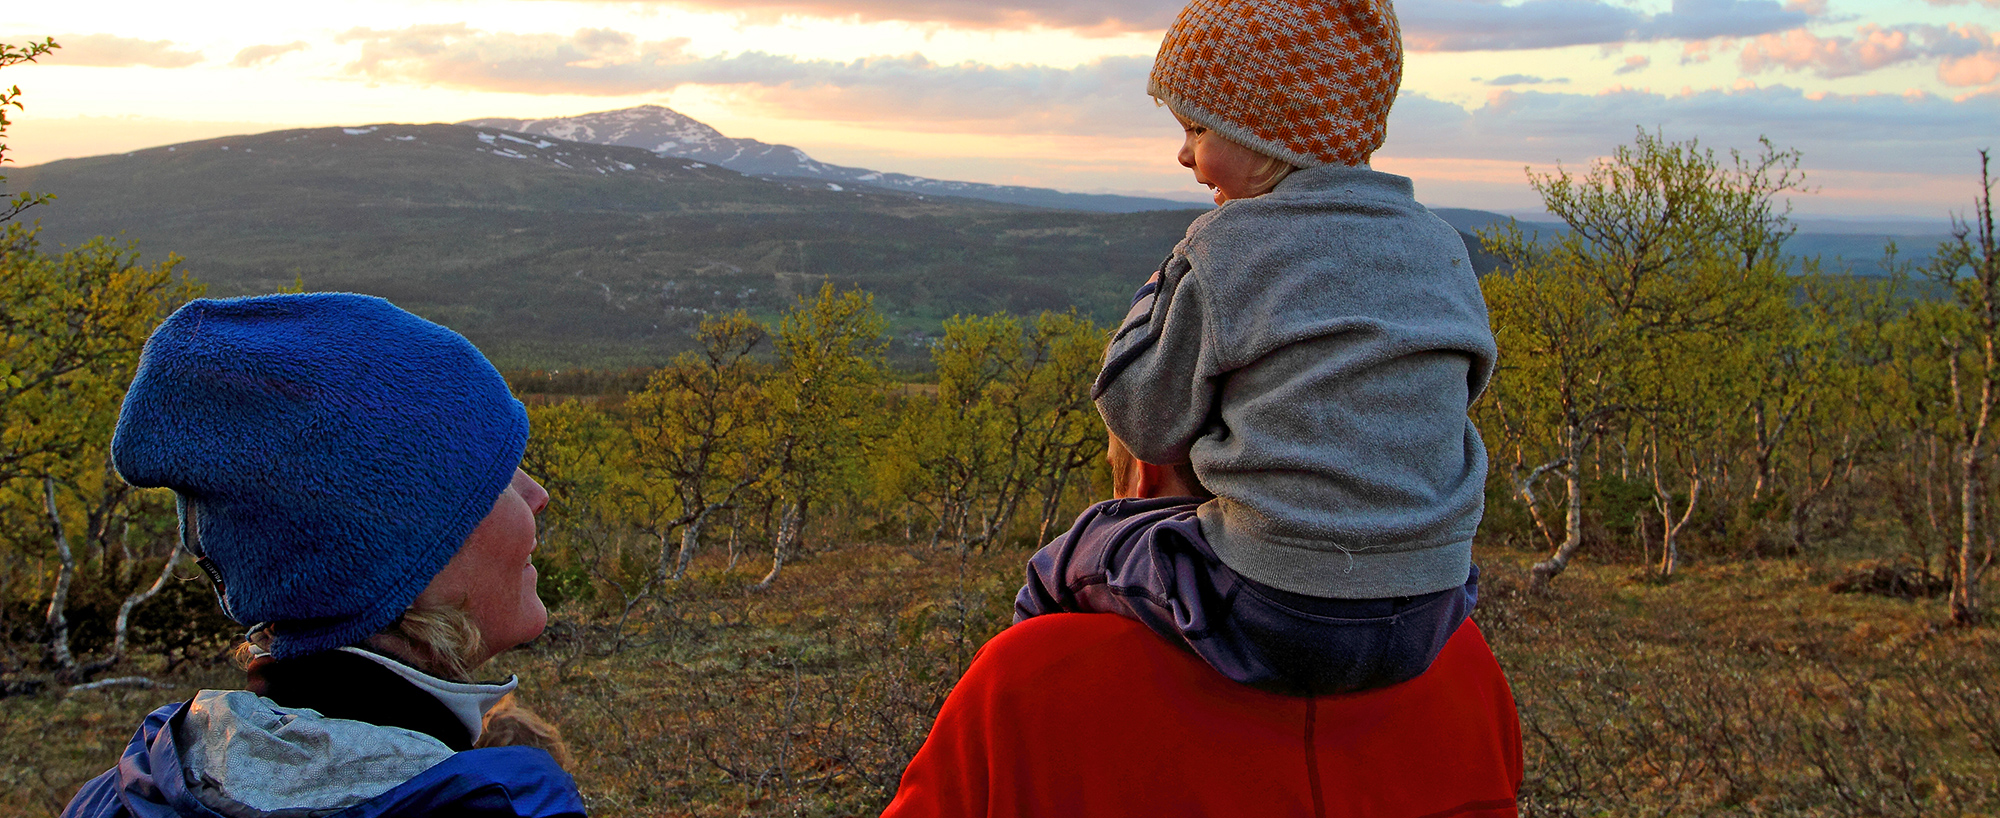 Barnfamilj På Grofjällsrundan, Med Vy Mot Edsåsdalen, Renfjället Och Åreskutan. Fjällupplevelser I Världsklass I Södra Årefjällen.